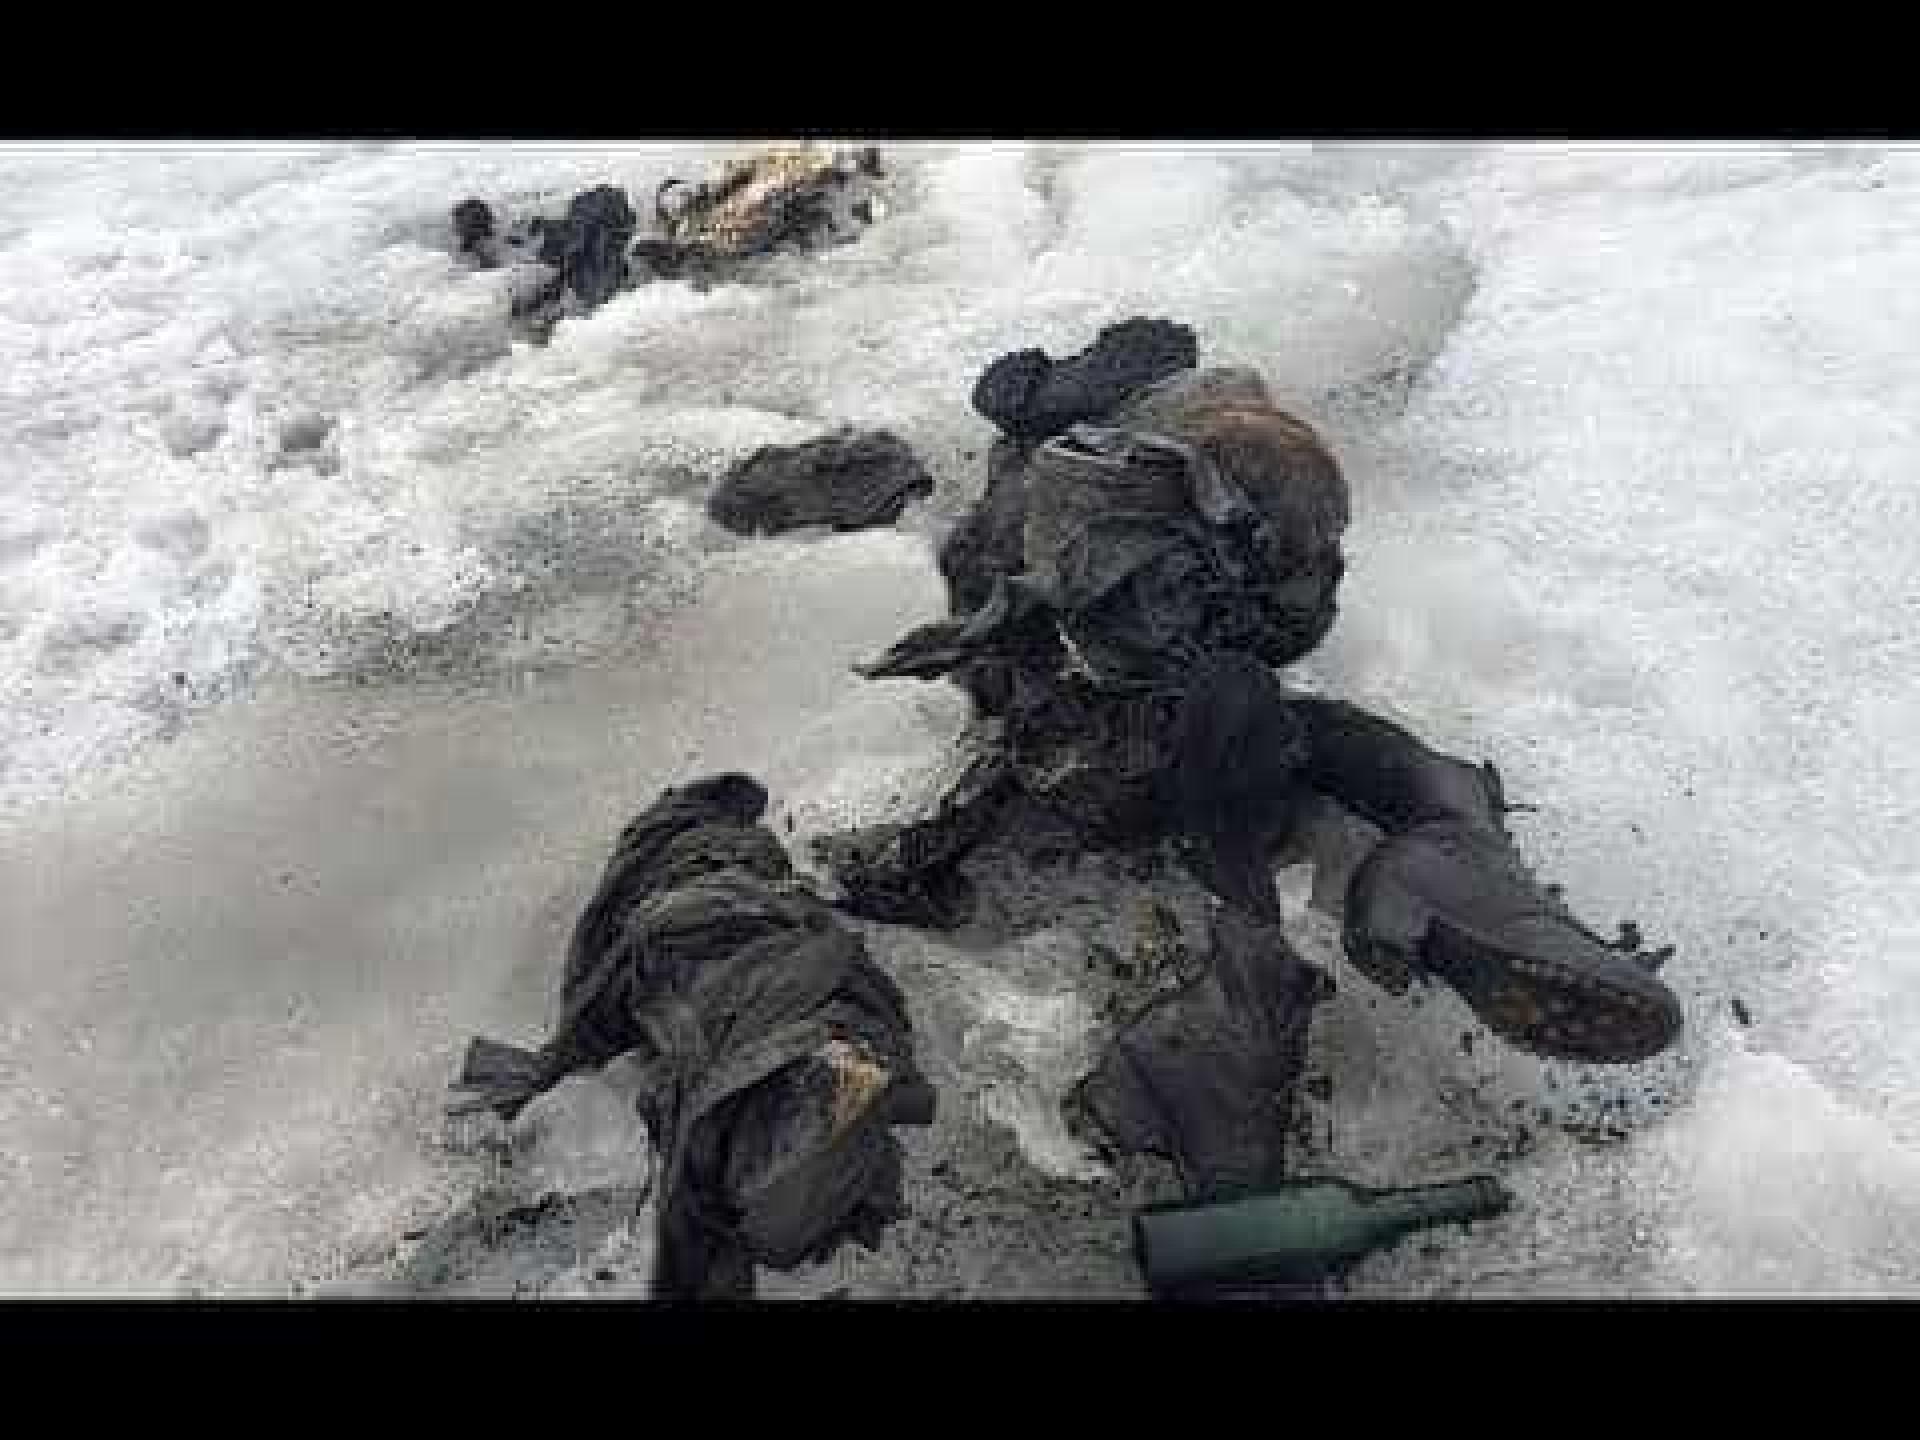 Degelo vai continuar a revelar corpos e a desvendar desaparecimentos